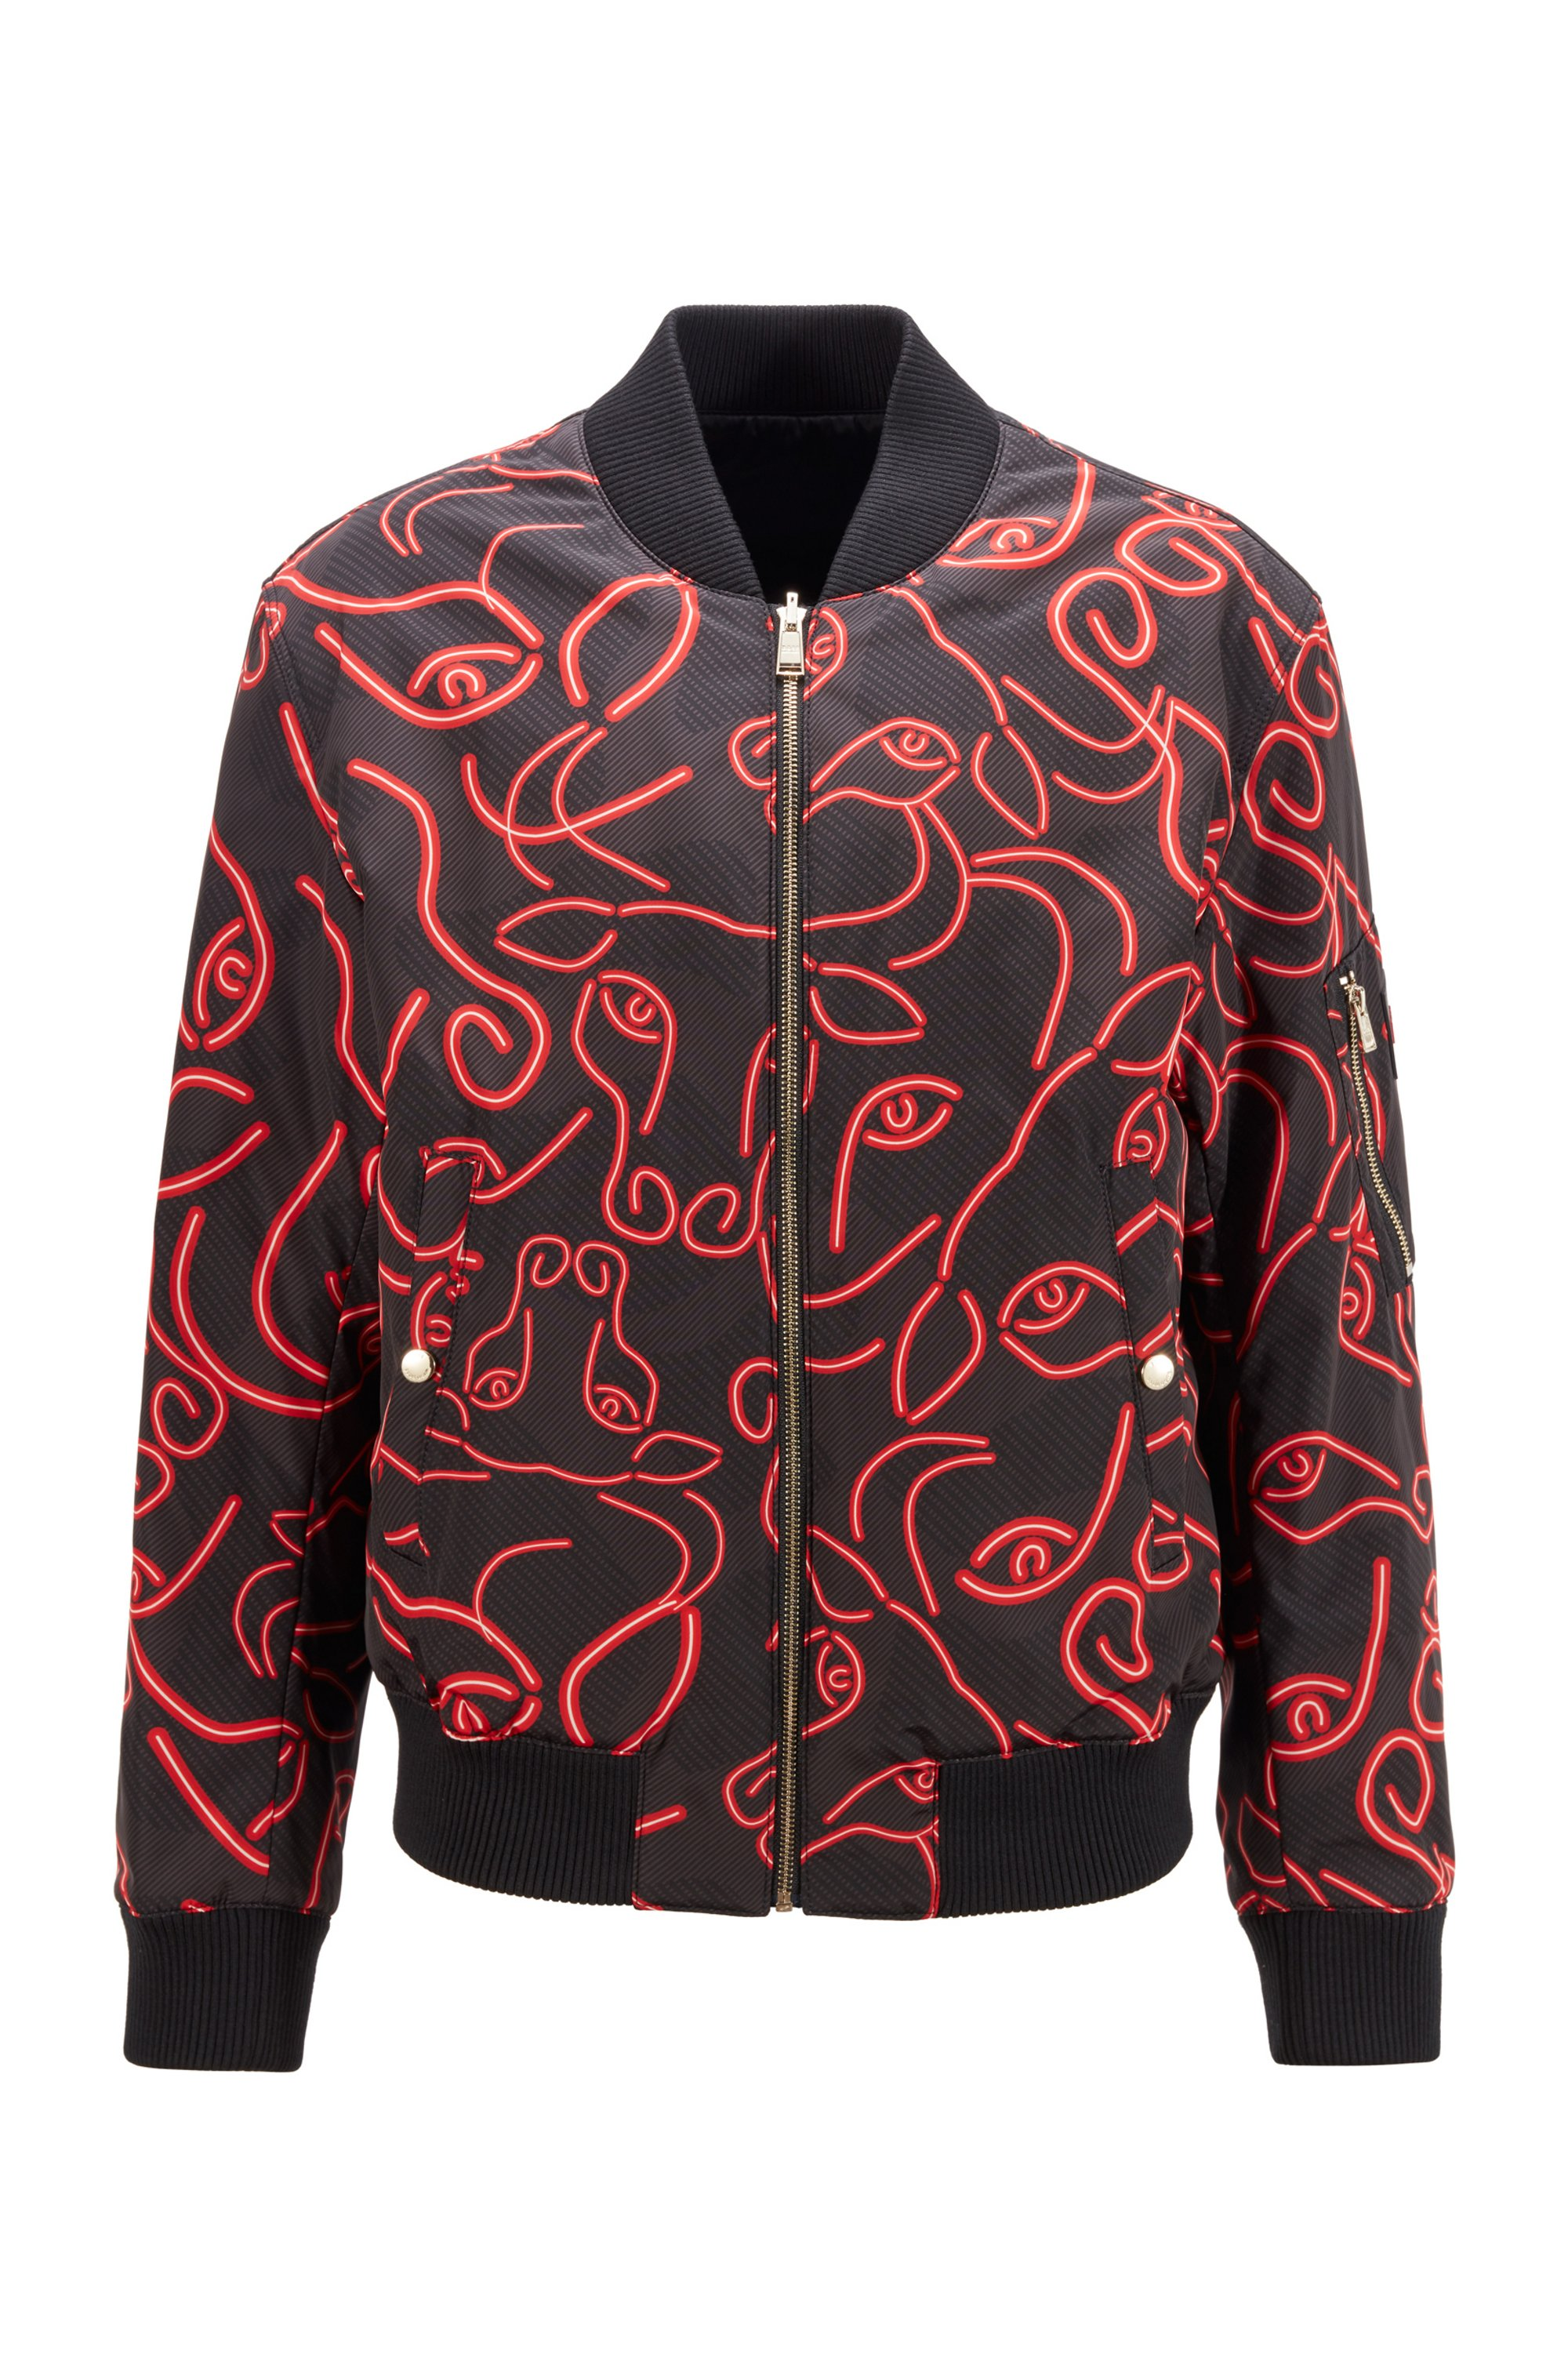 Veste réversible à imprimé tête de buffle sur une face, en tissu brillant sur l'autre, Rouge à motif